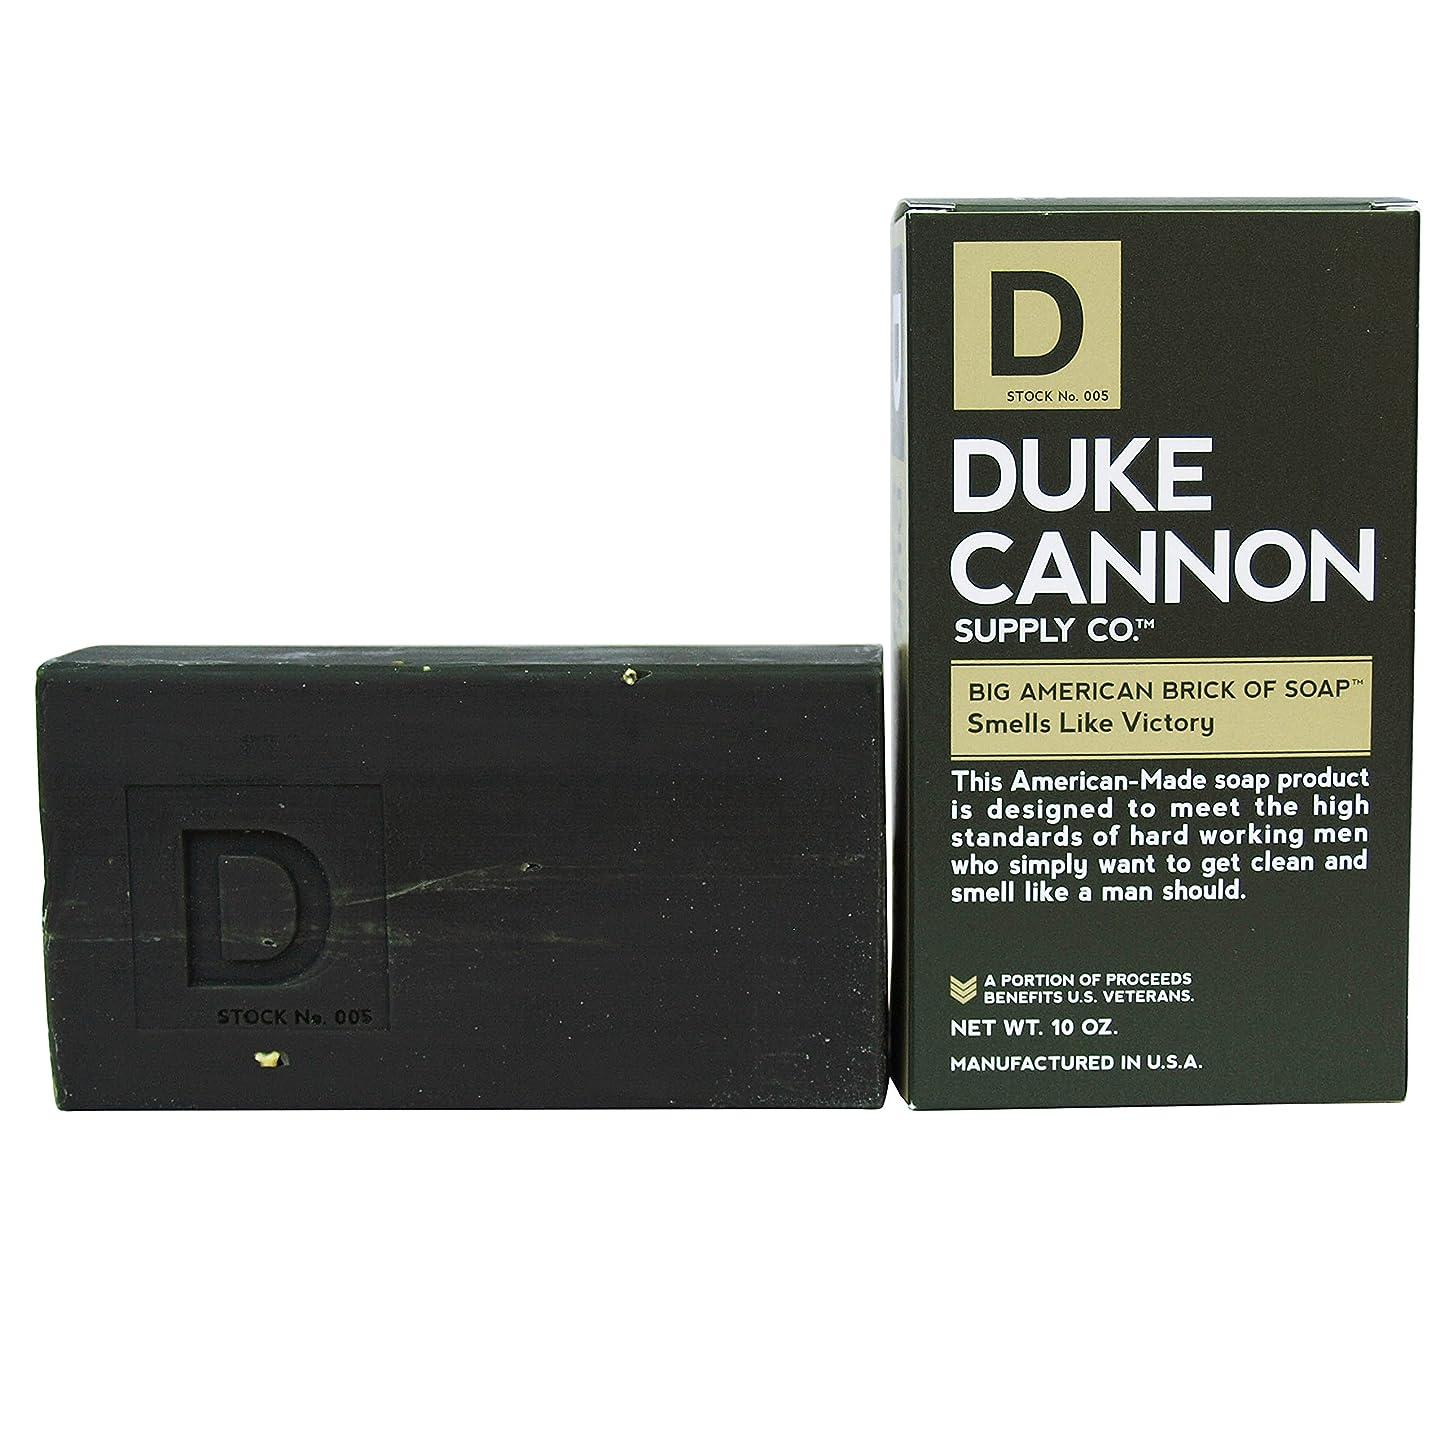 アドバンテージ入手します肥沃なDuke Cannon Superior Grade Bar Soap, Army Green, Victory, Clean and Fresh Scent, 10 Ounce by Duke Cannon Supply Company [並行輸入品]